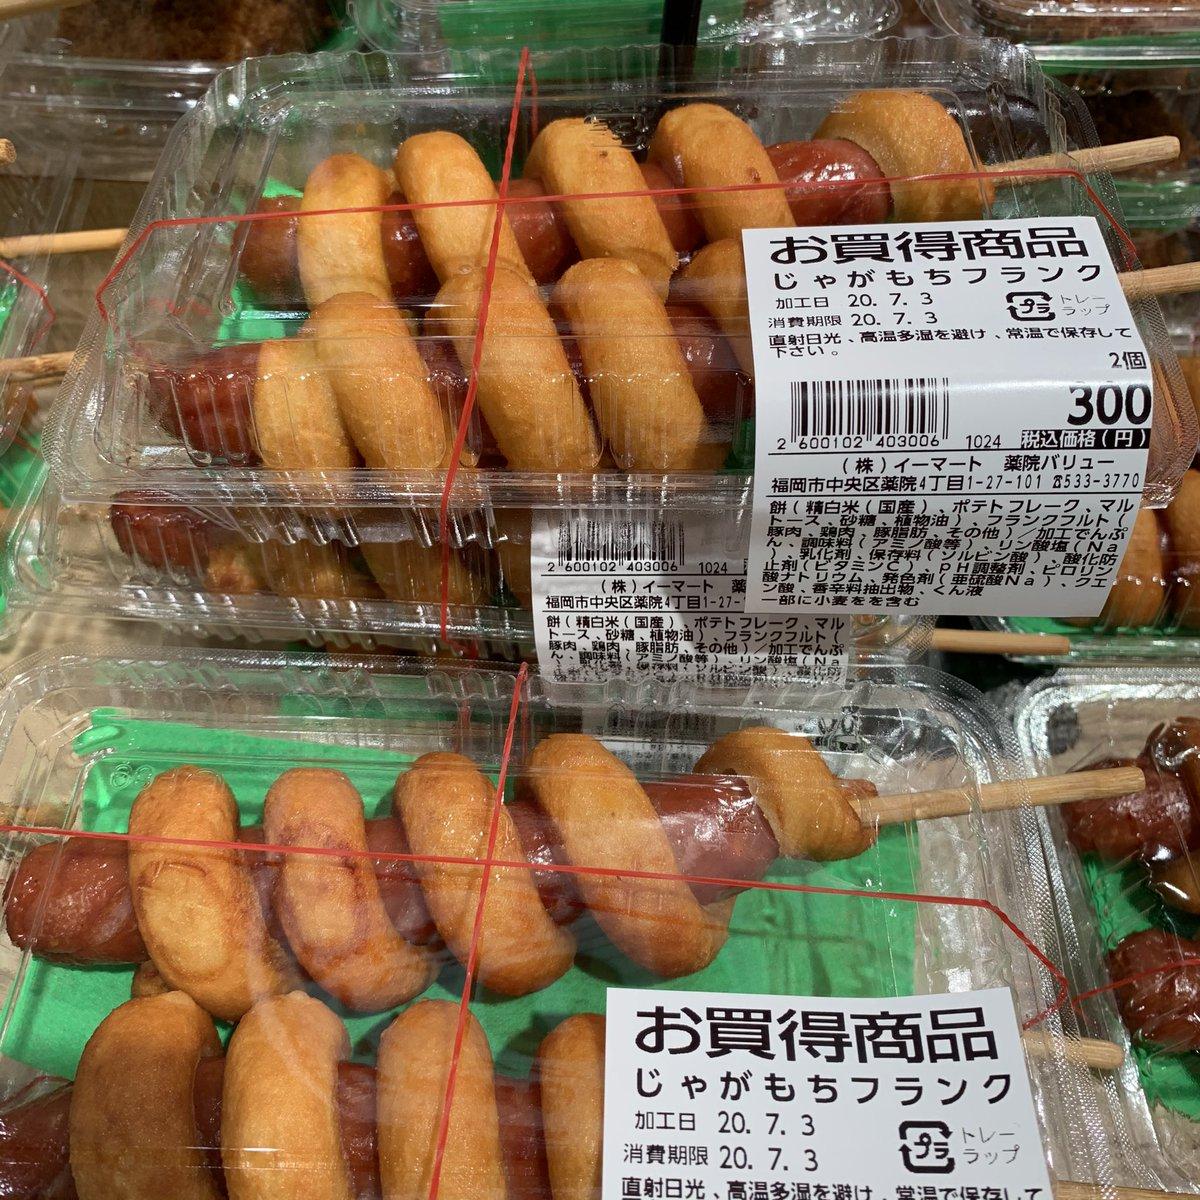 test ツイッターメディア - おはようございます、本日はお惣菜の日です^ ^ イチオシの『じゃがもちフランク』は、か〜な〜り〜のお買得価格となっております(^^;; #薬院バリュー #薬院 #福岡 #スーパー #お惣菜の日 #惣菜 #フライデー #雨 #雨男 https://t.co/Tc0LbLlkuc